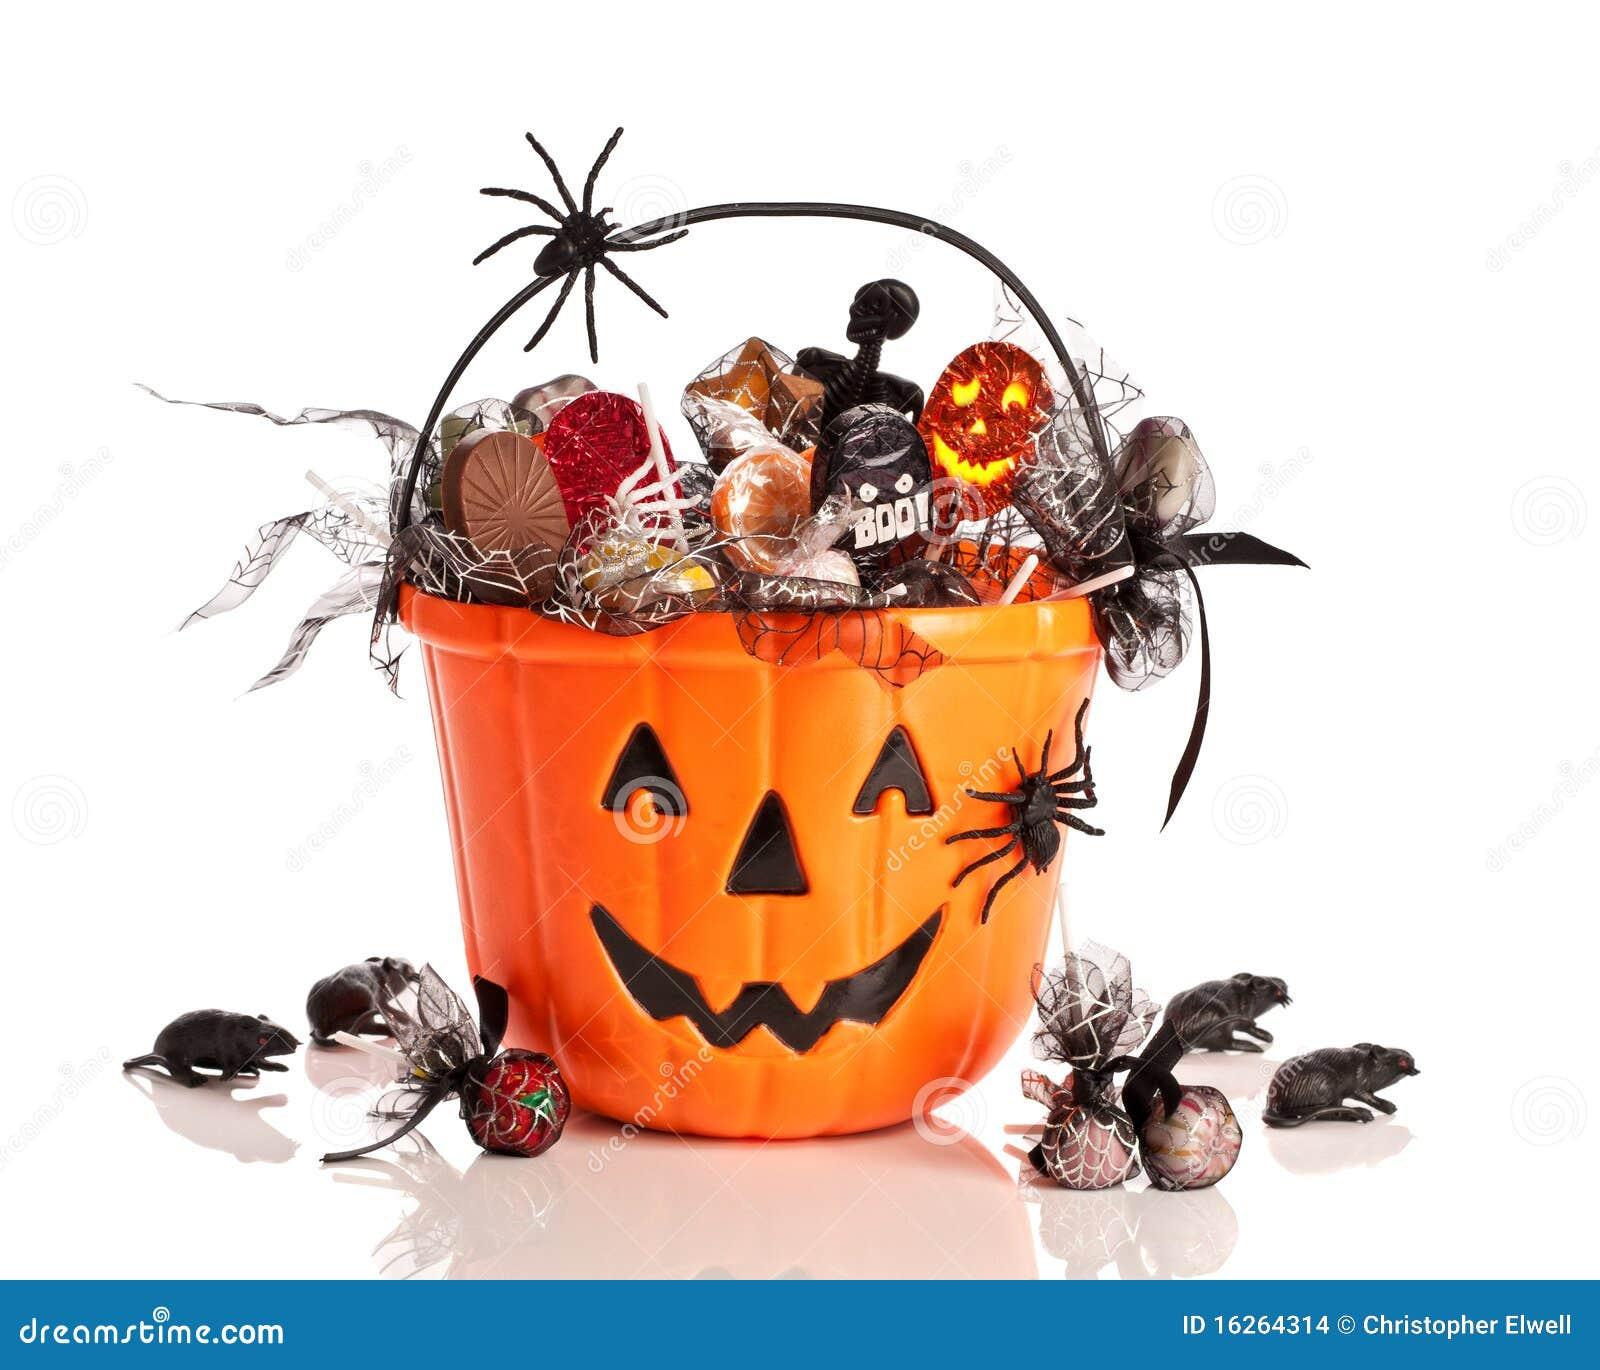 Trick Or Treat Halloween Bucket